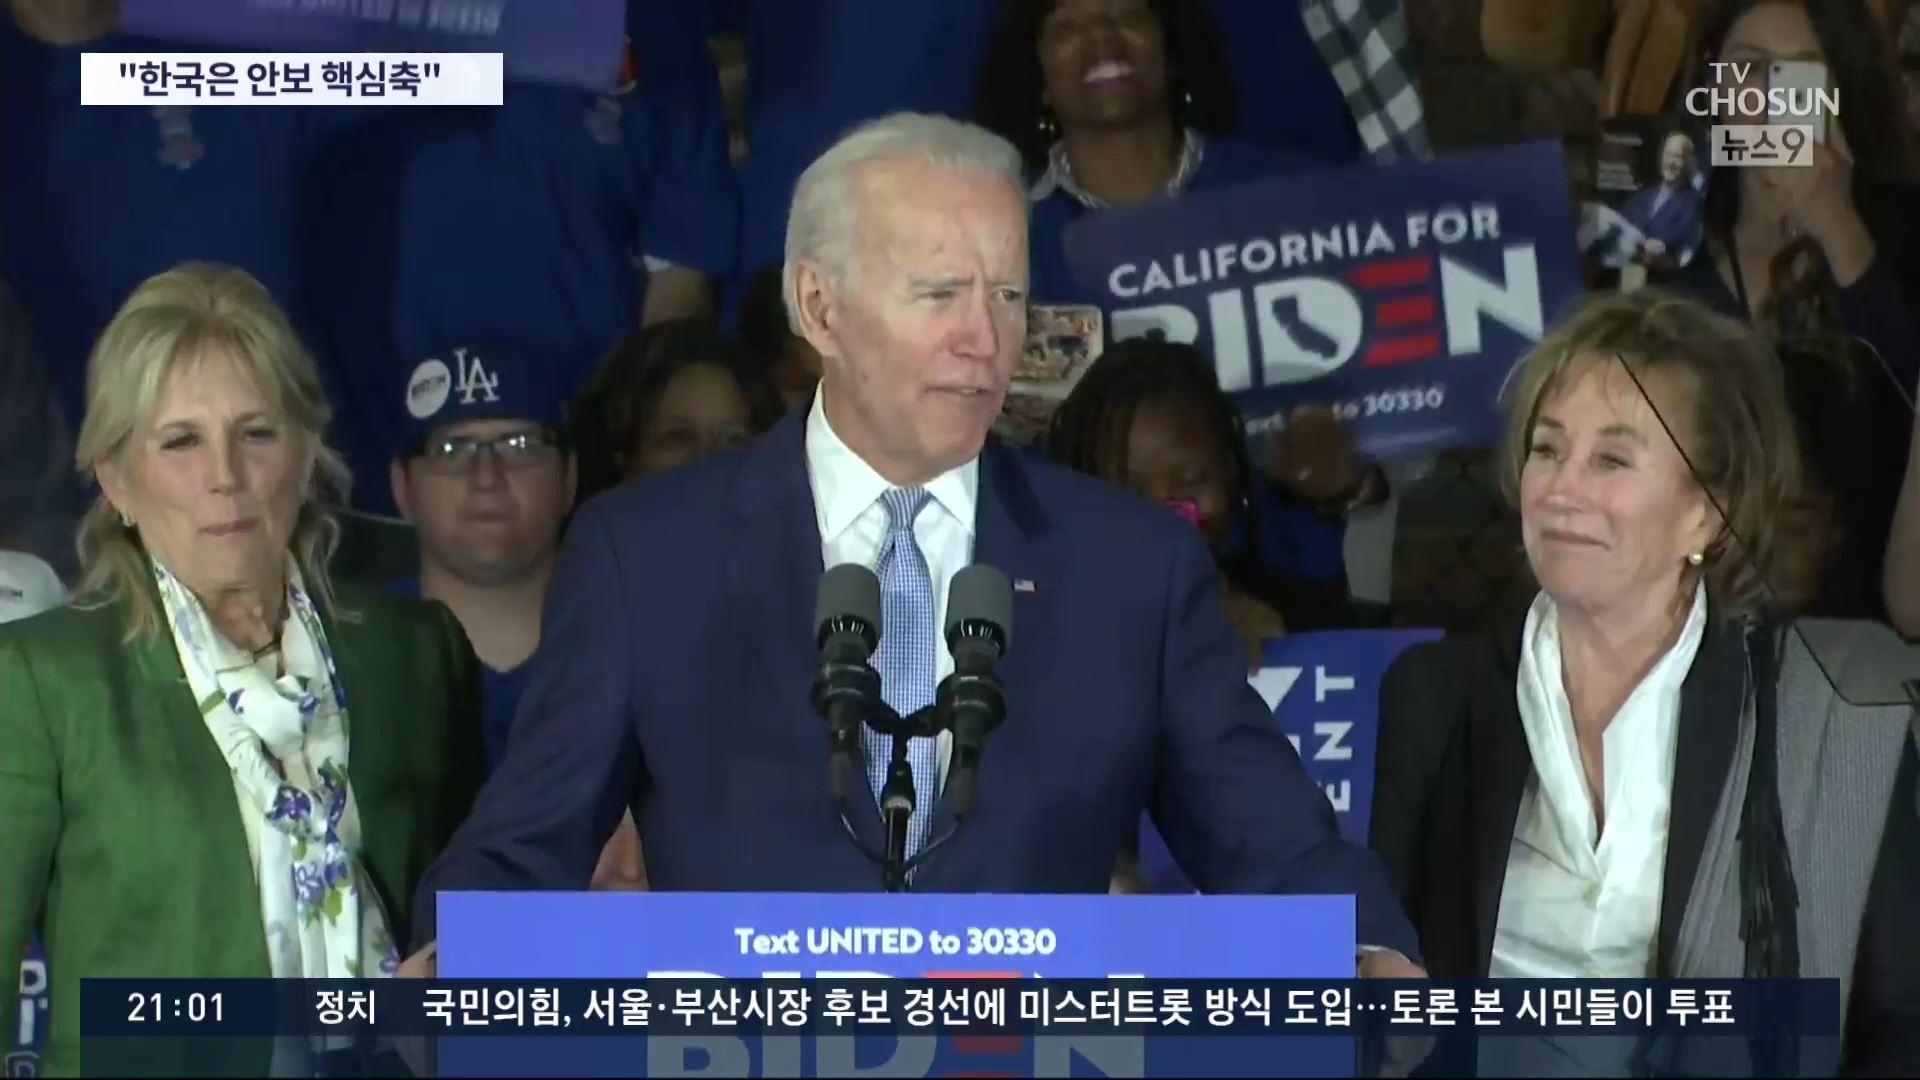 文·바이든 첫 통화…'한반도 평화 위해 긴밀 소통' '韓은 핵심축'